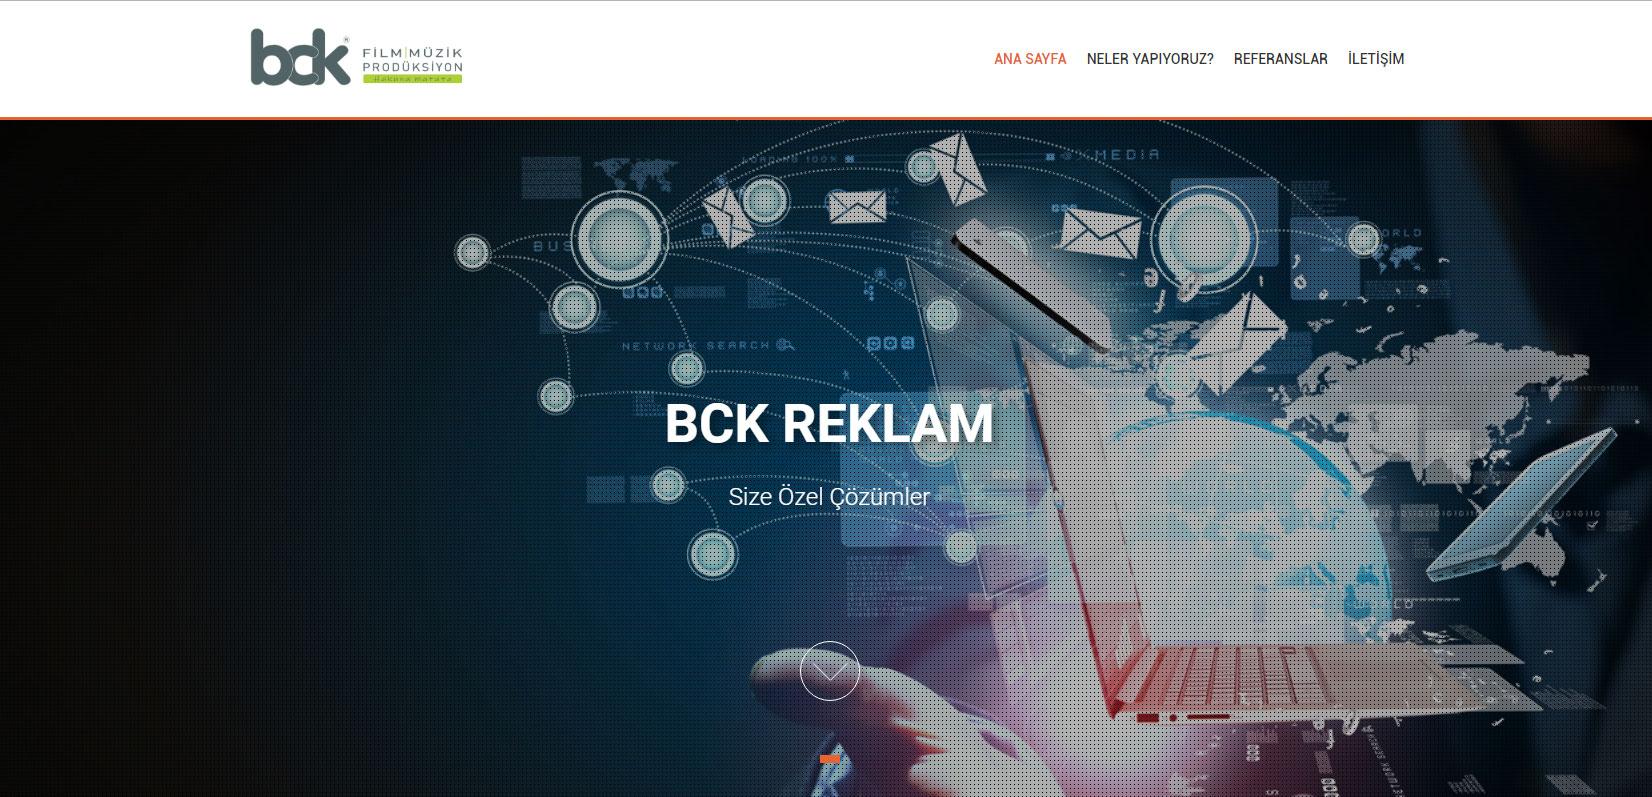 BCK REKLAM